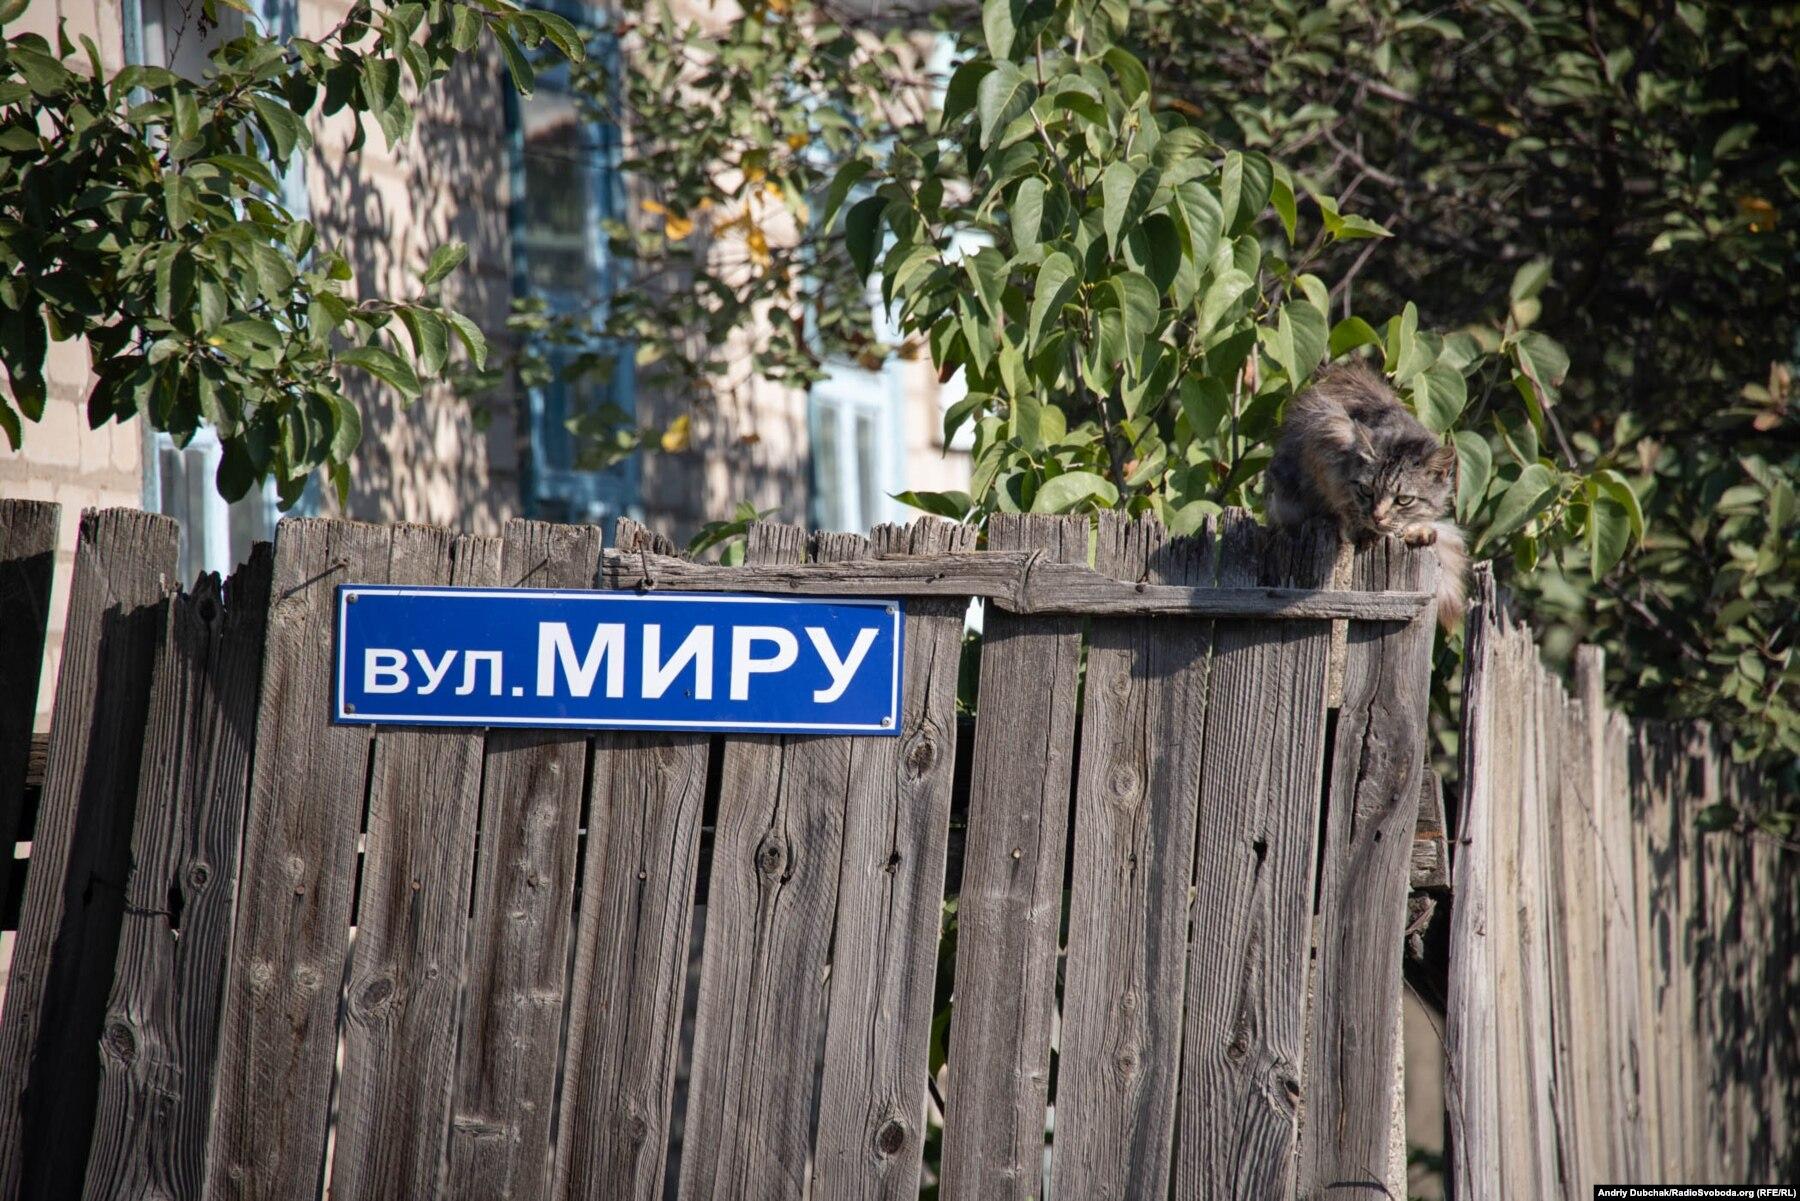 Donbas Frontliner / Сірий кіт на перкані будинку по вулиці Миру у селі Кримському, вересень 2021 року